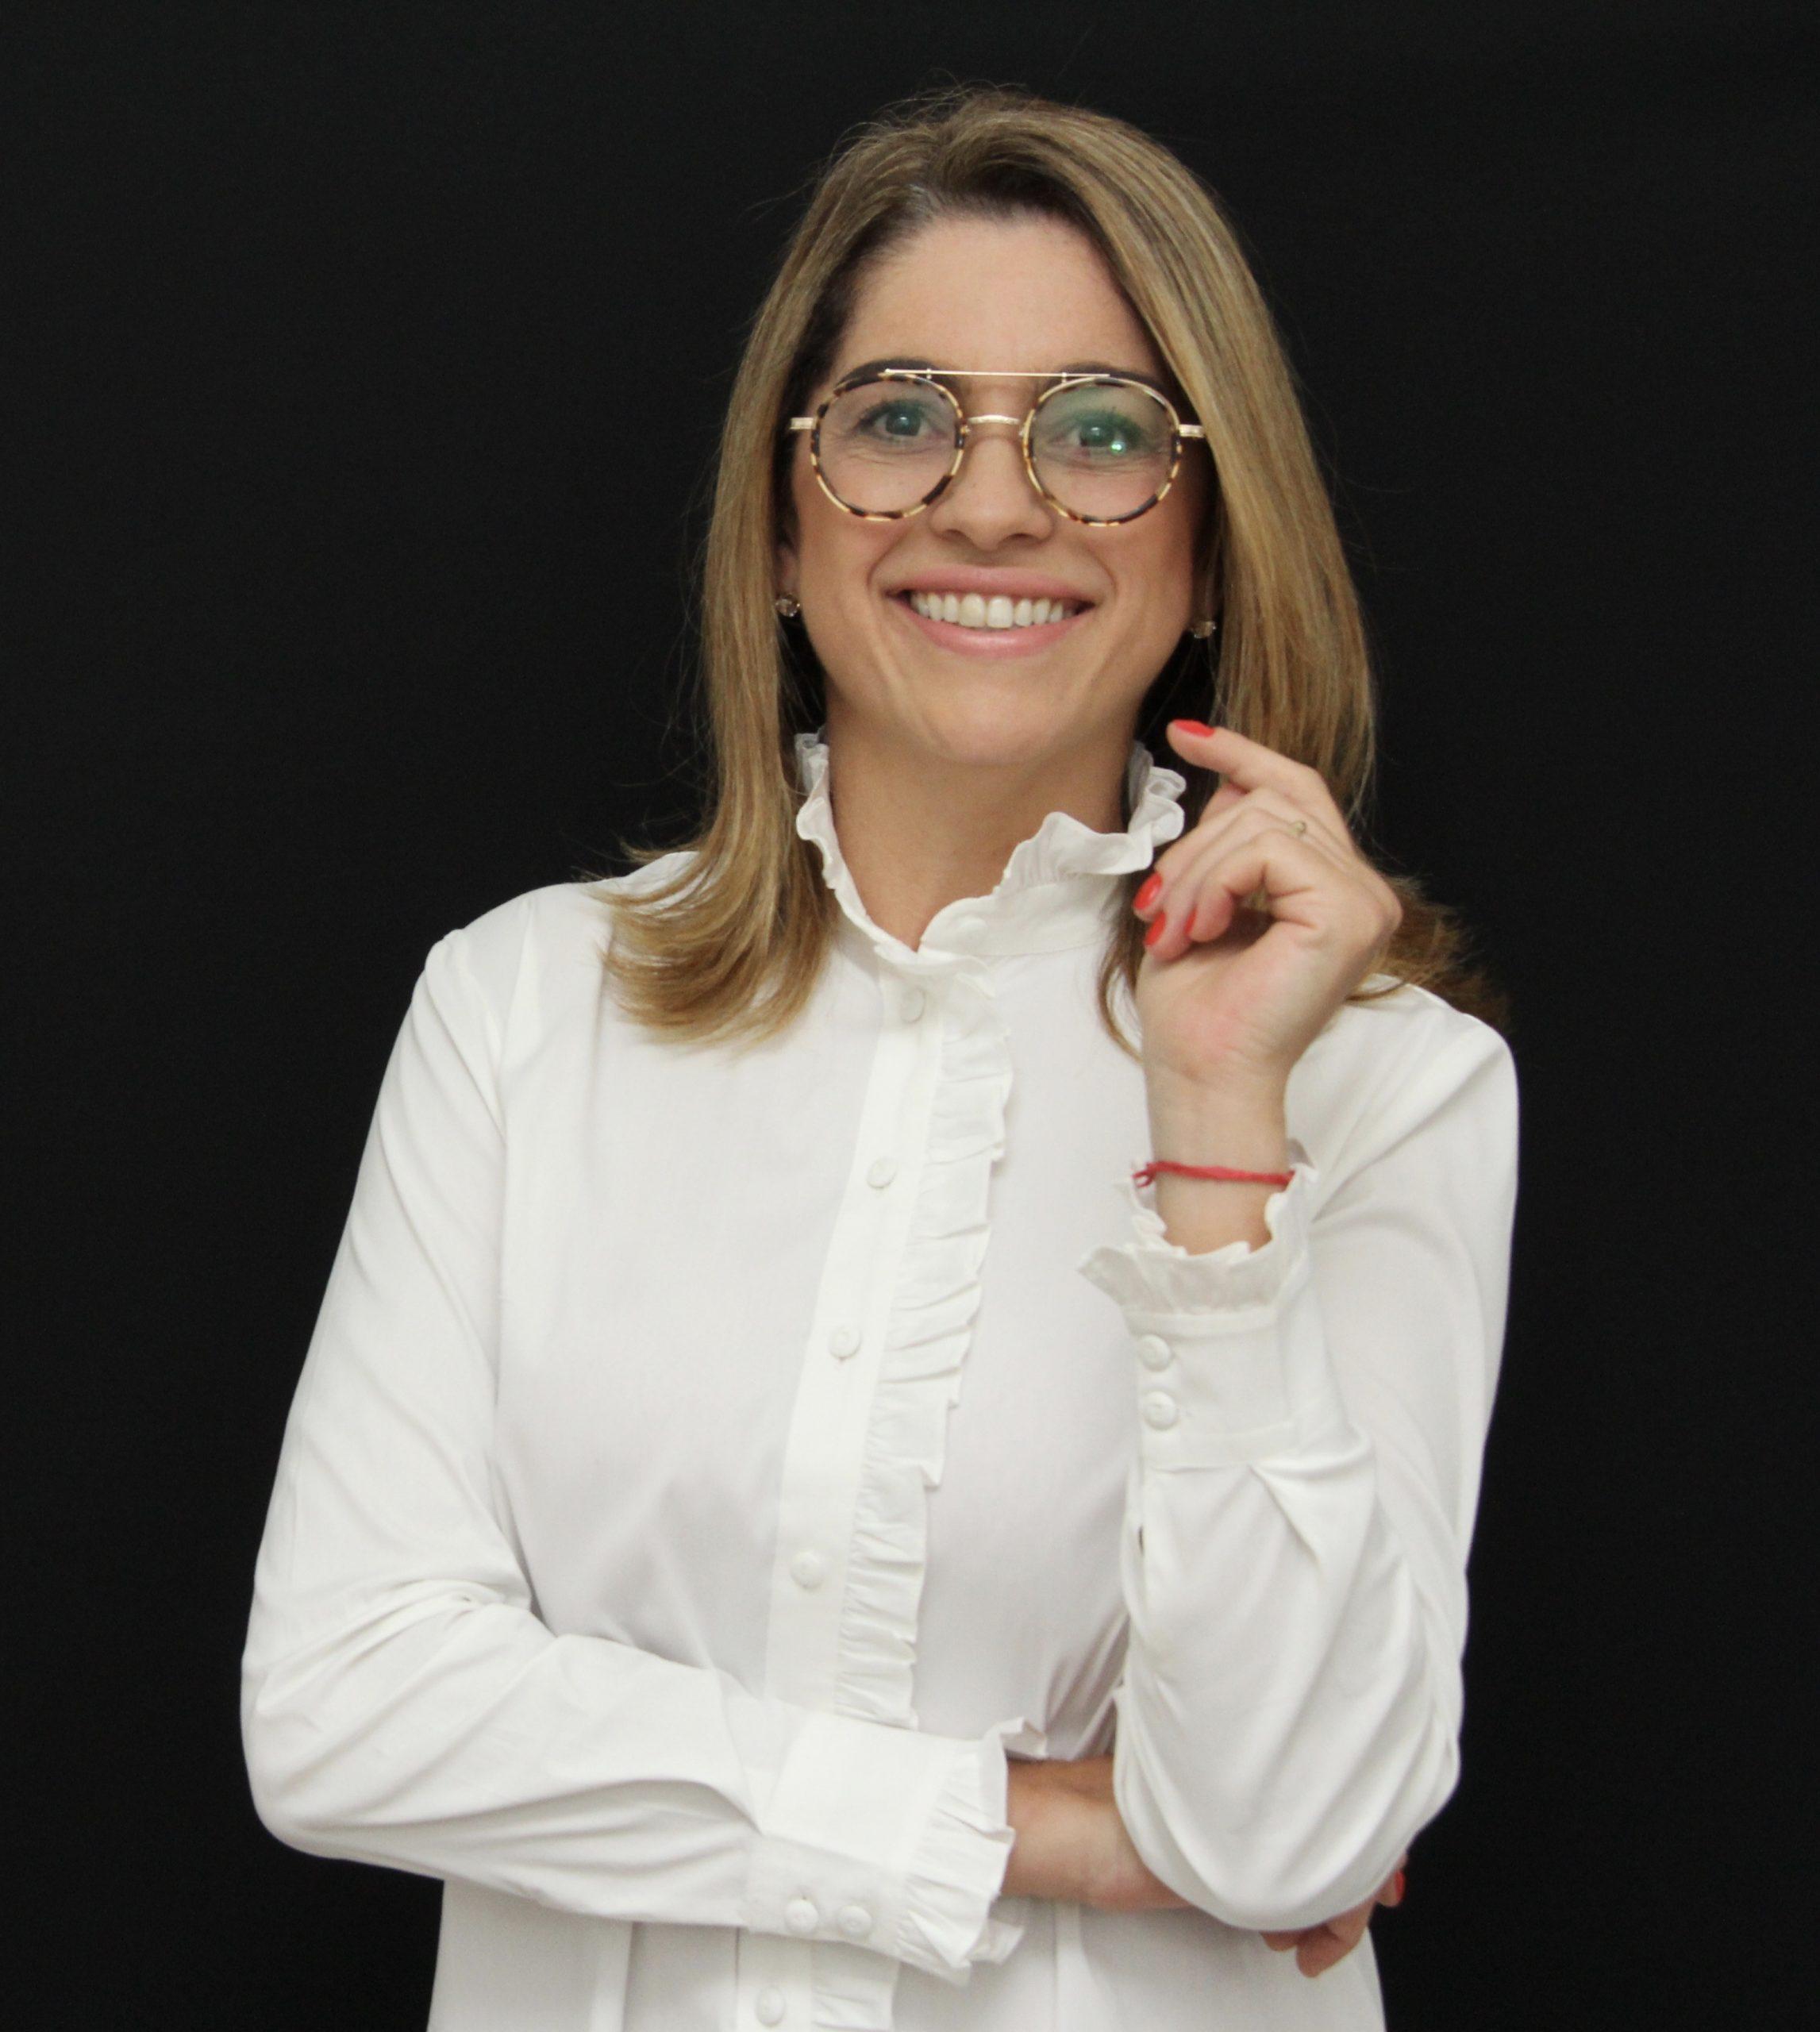 Coluna - Mércia Gomes